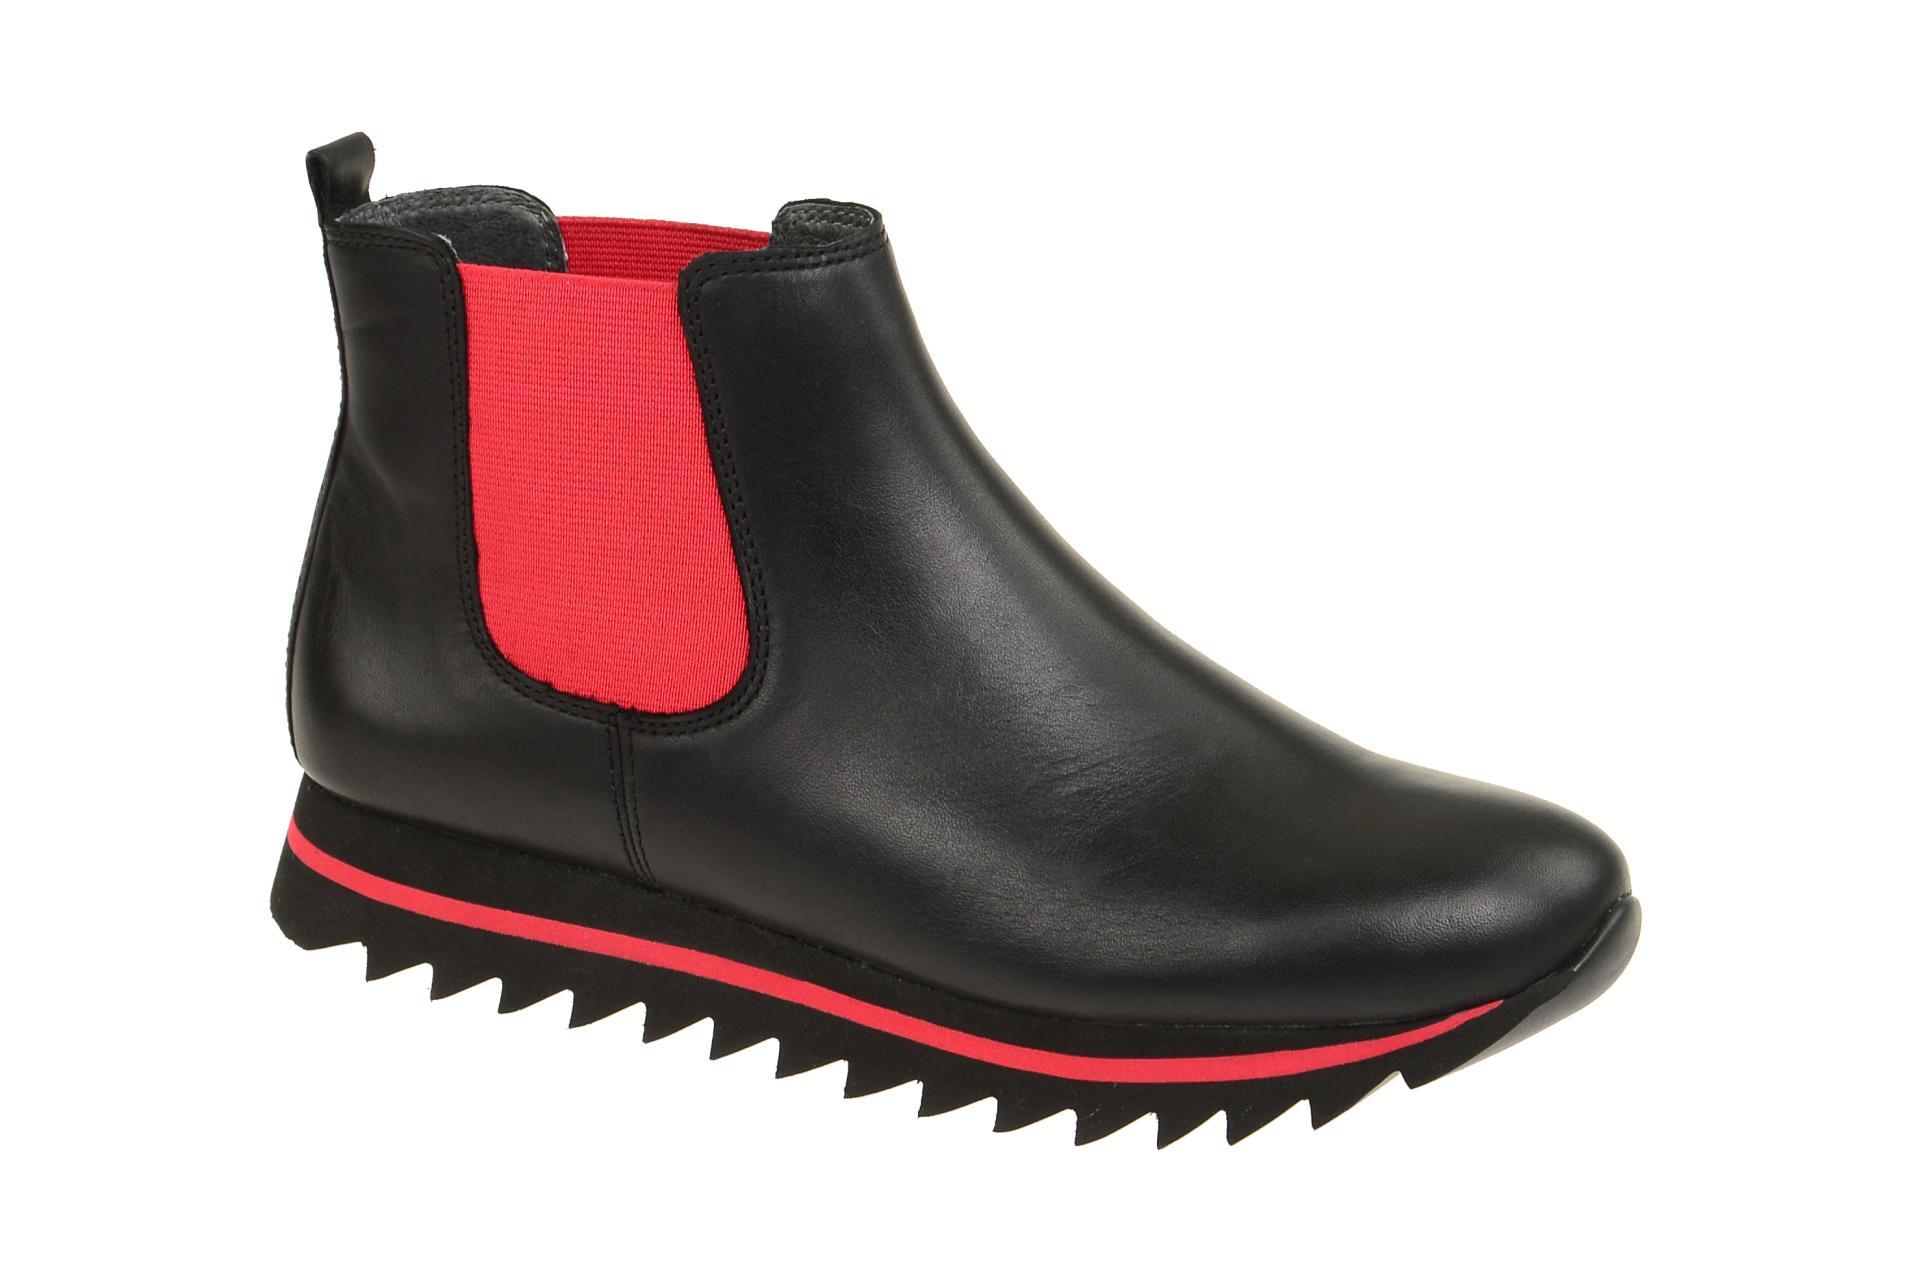 a6ed7c8eefcf19 Gabor Stiefelette schwarz rot 53.501.25 - Schuhhaus Strauch Shop